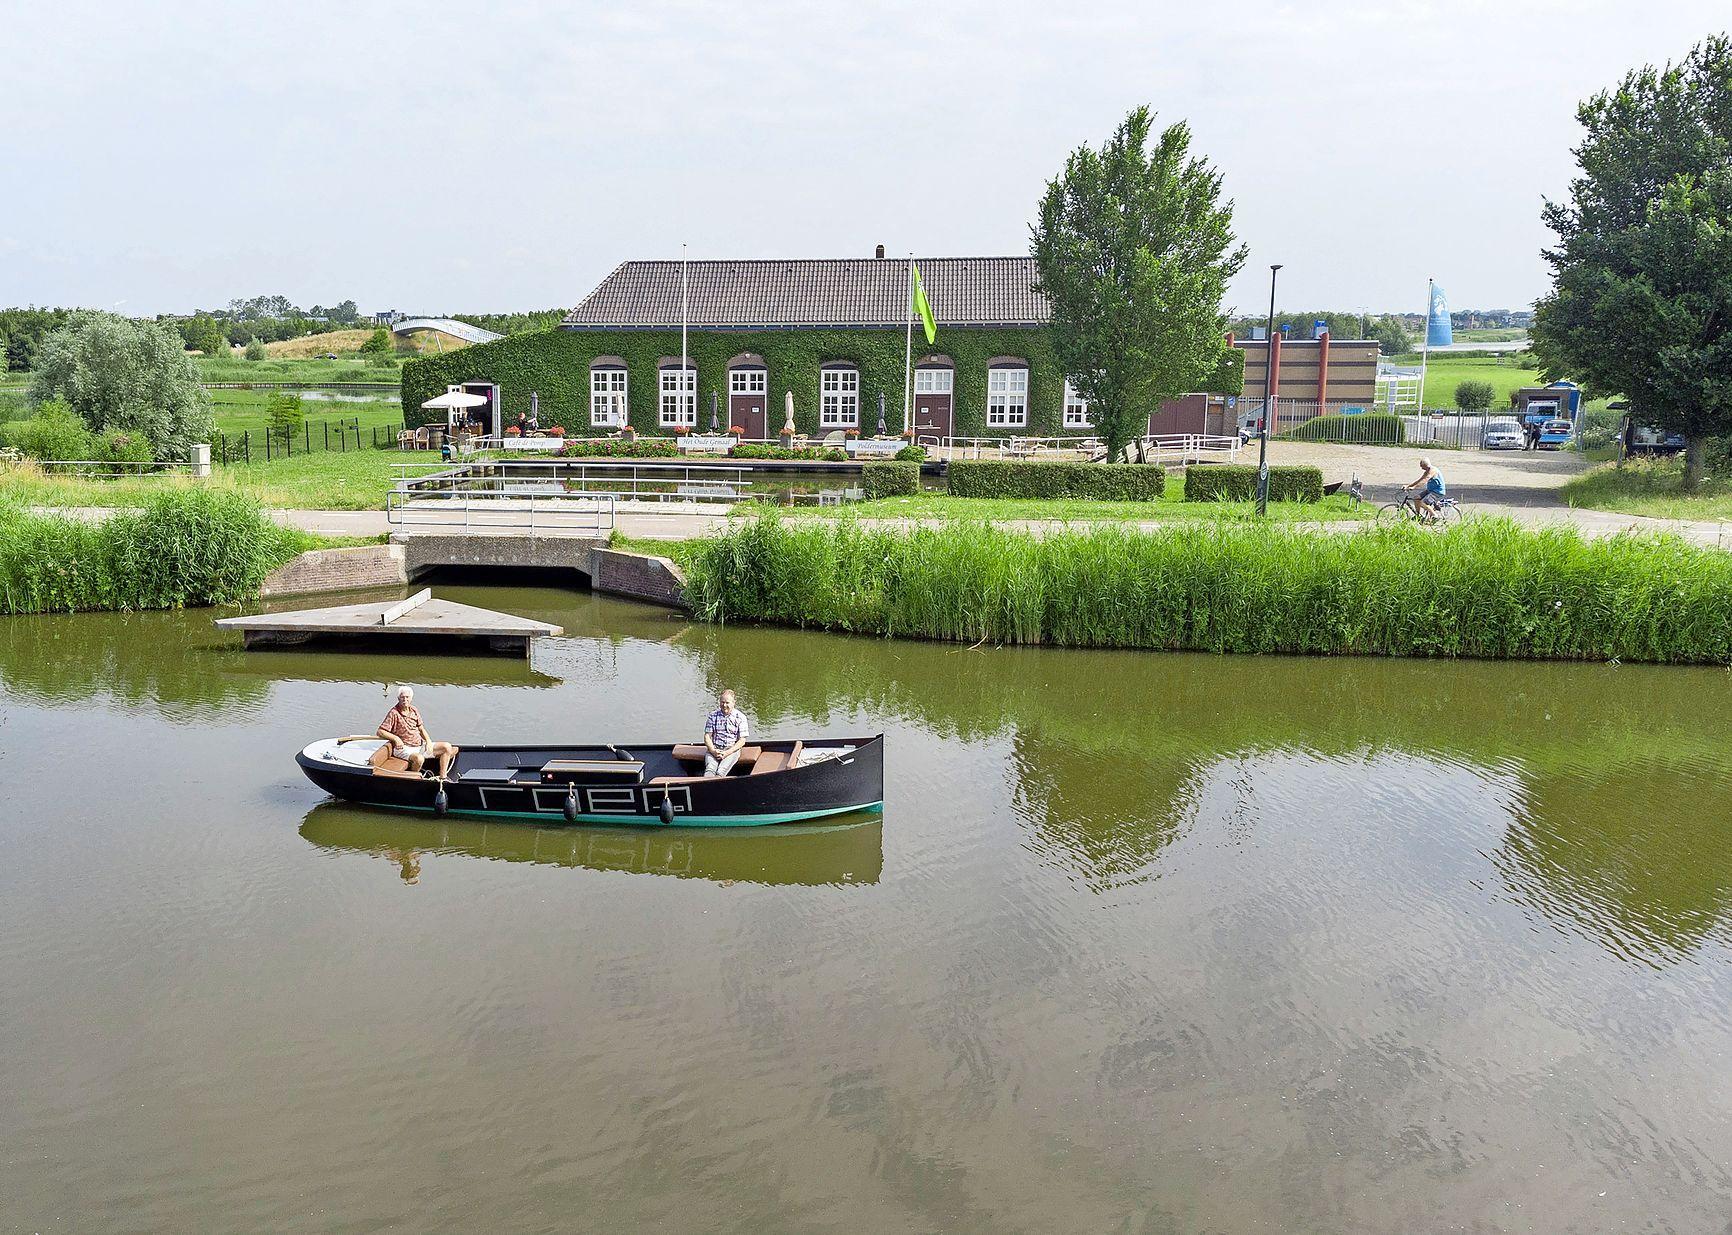 Op een bijzondere manier langs vier musea in de regio Alkmaar. Cultureel varen in elektrische sloepjes. 'Alle vier op één dag zal nog niet meevallen'